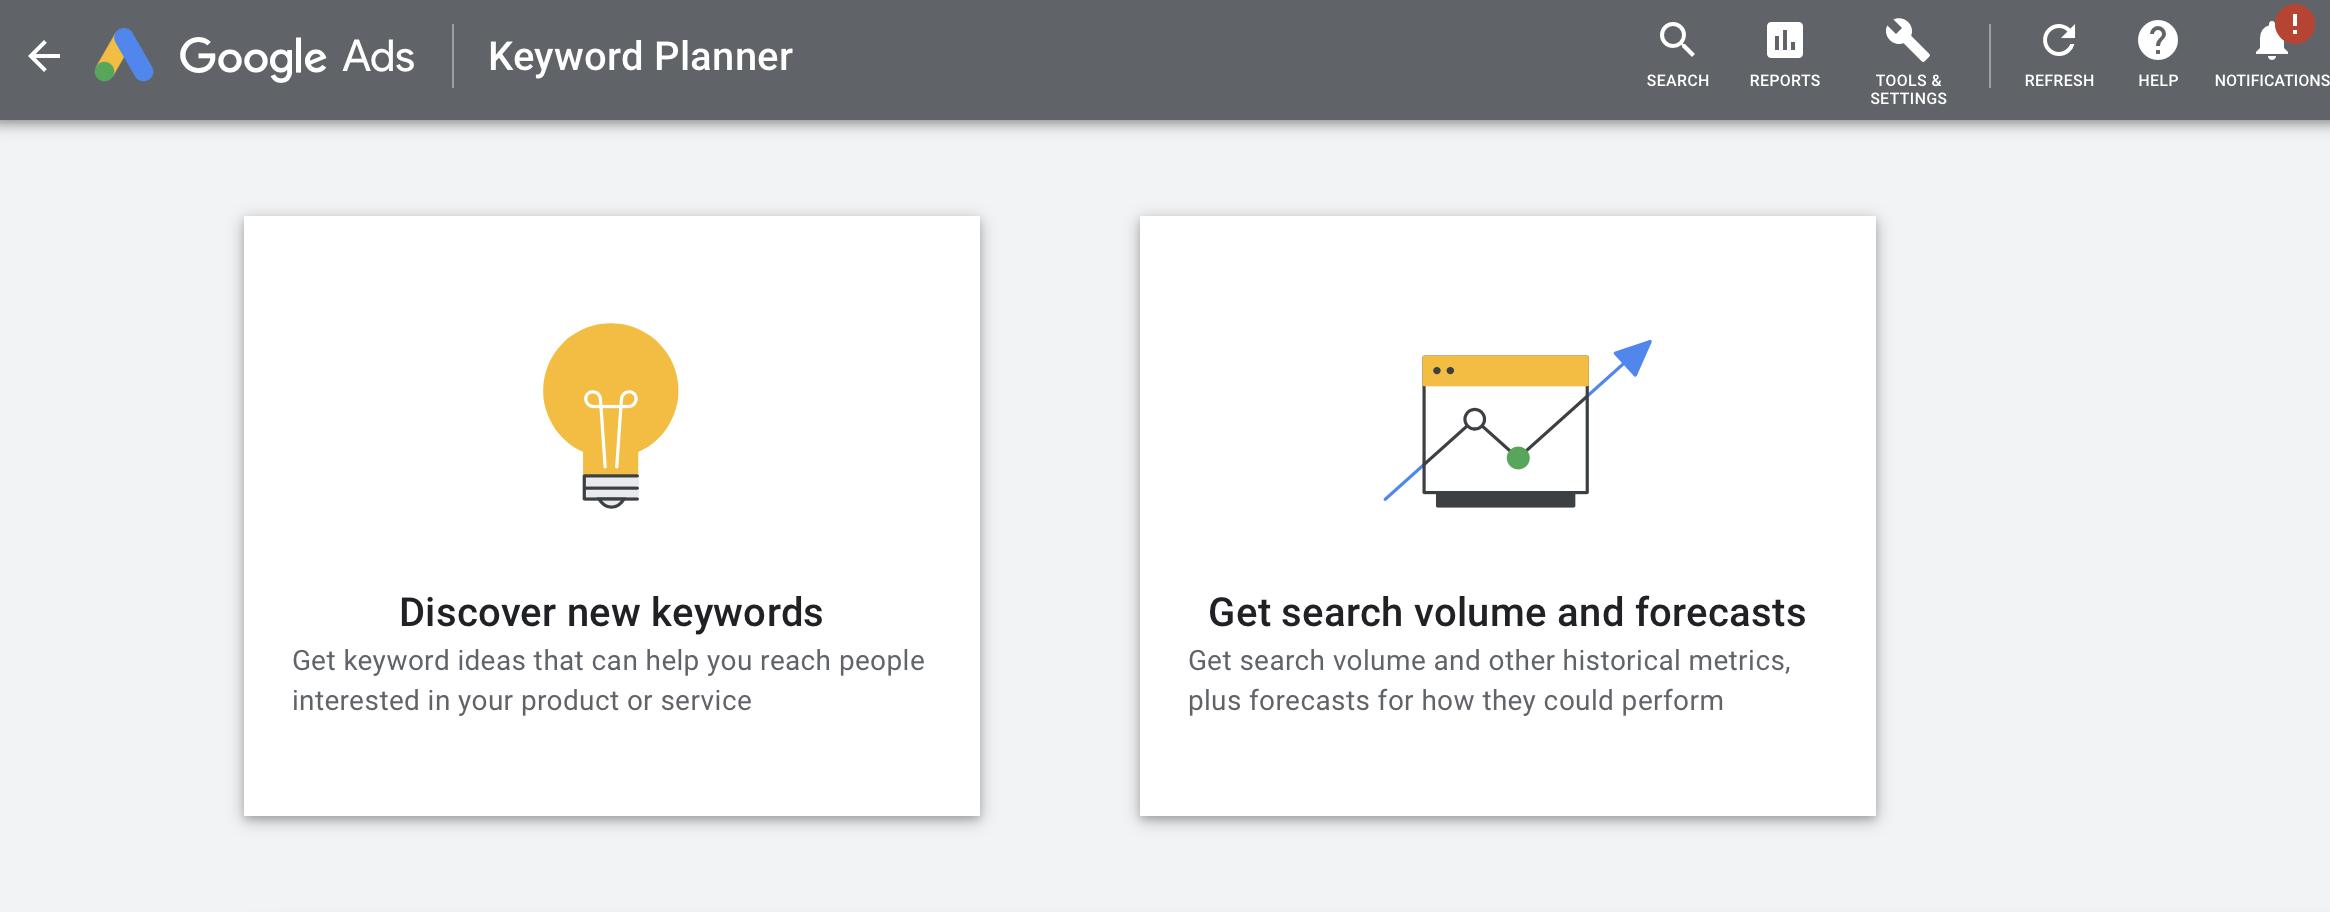 Google Ads Keyword Planner: 2 Tools